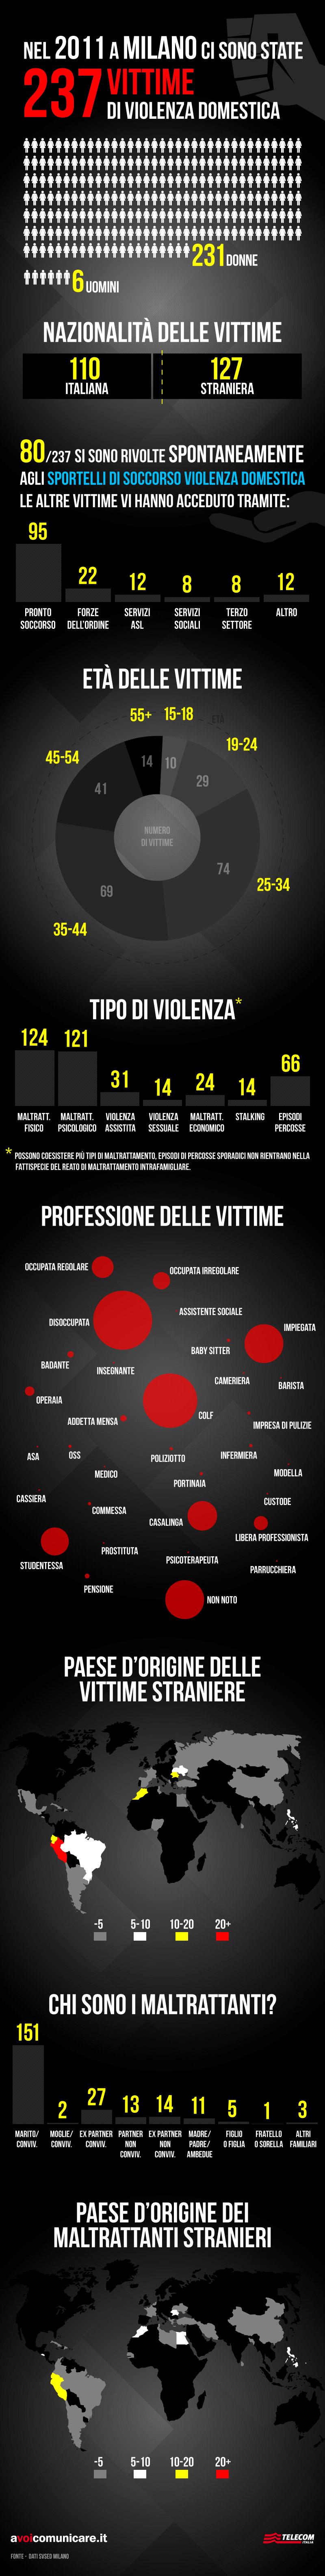 infografica-violenza-domestica.jpg